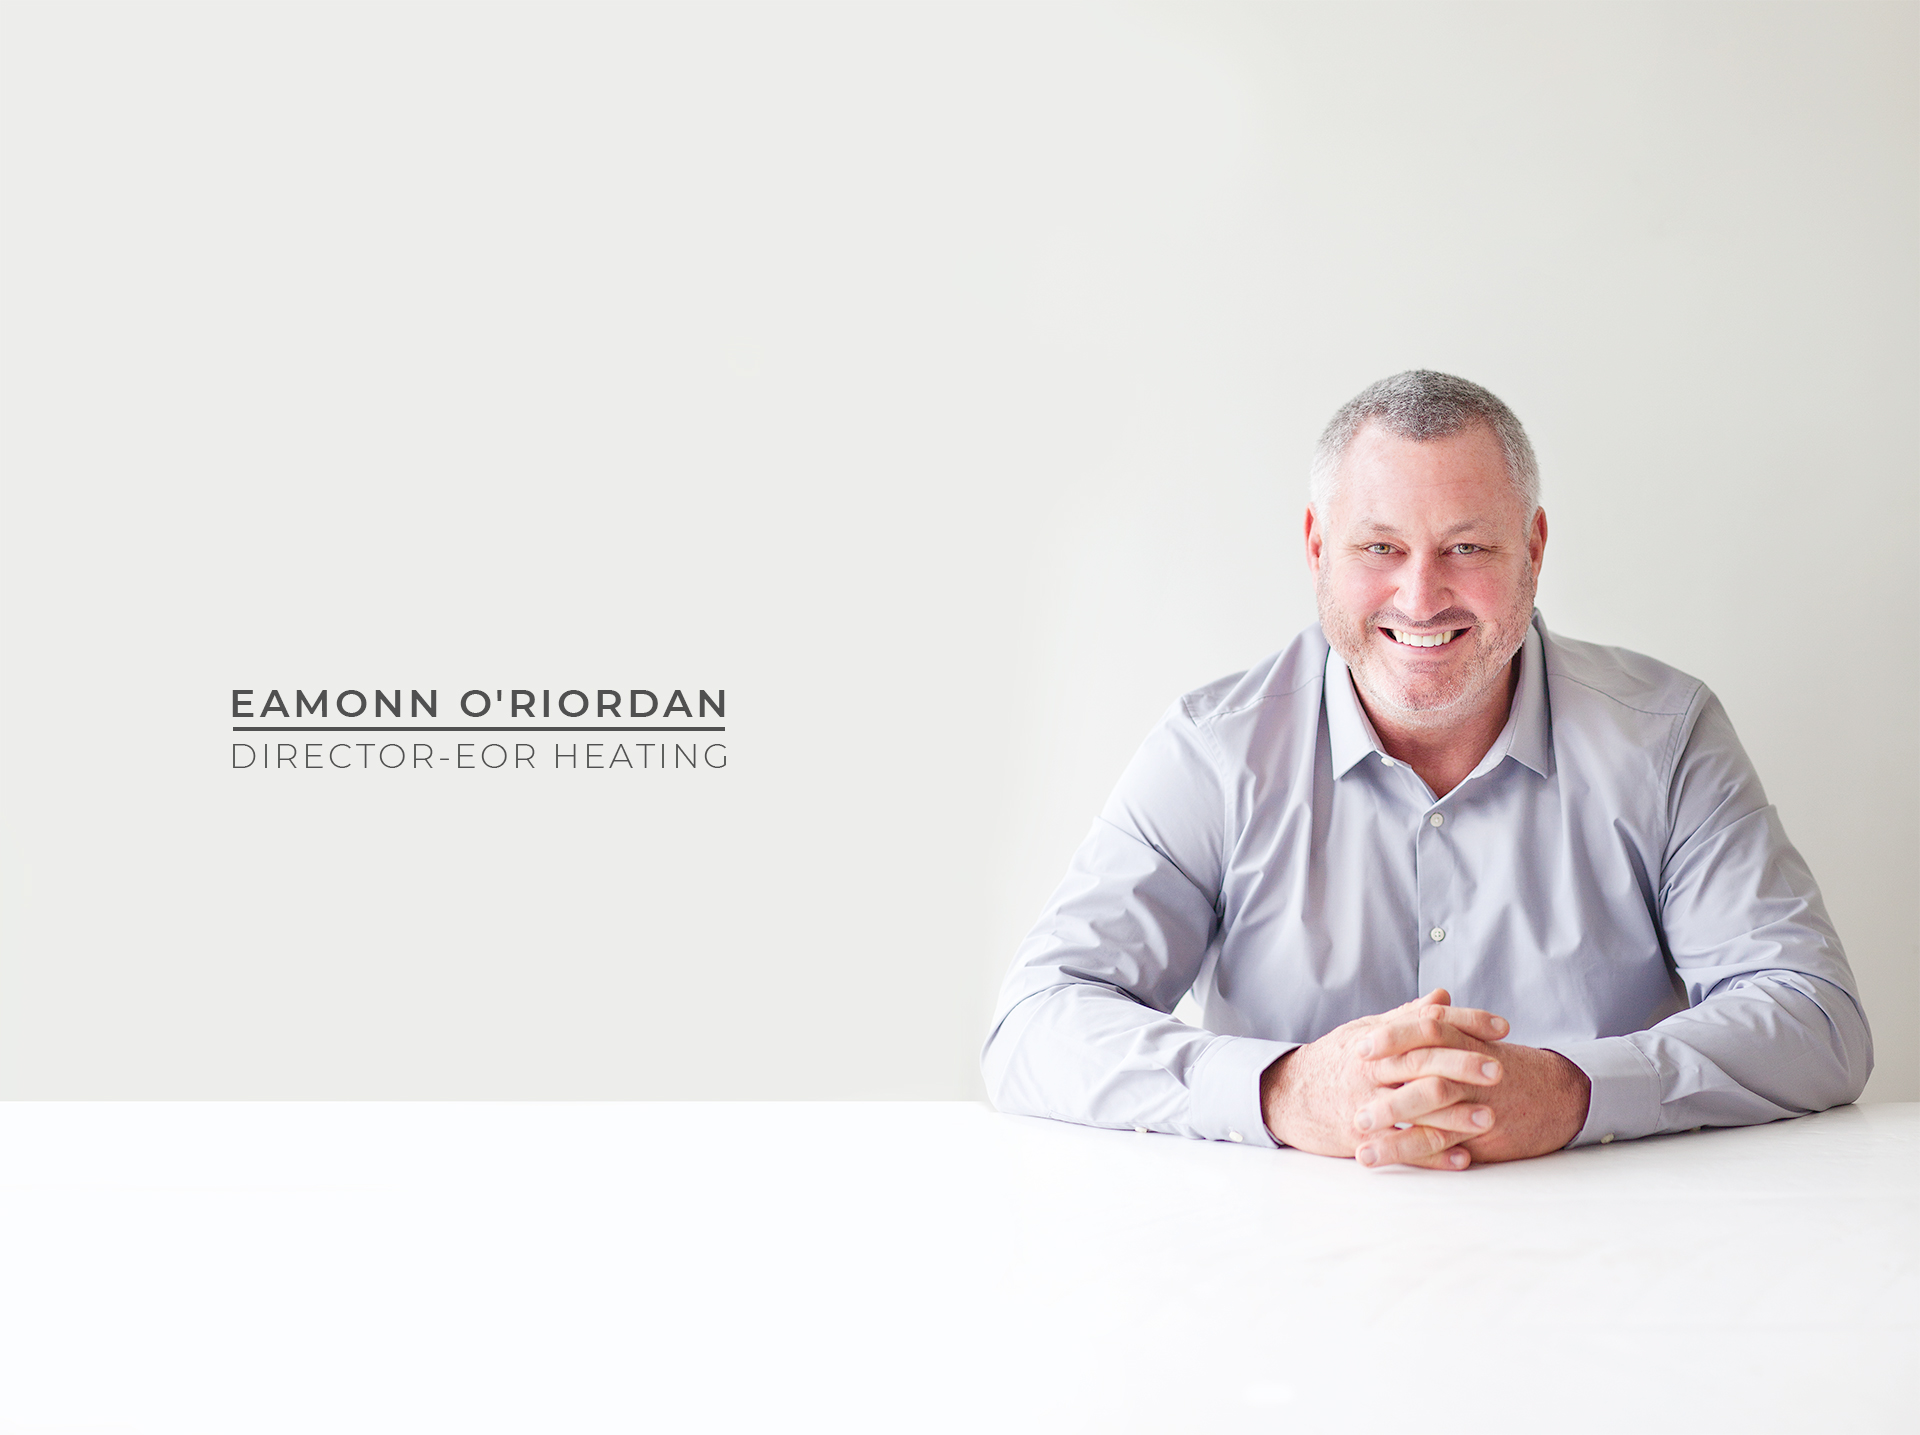 Eamonn O'Riordan